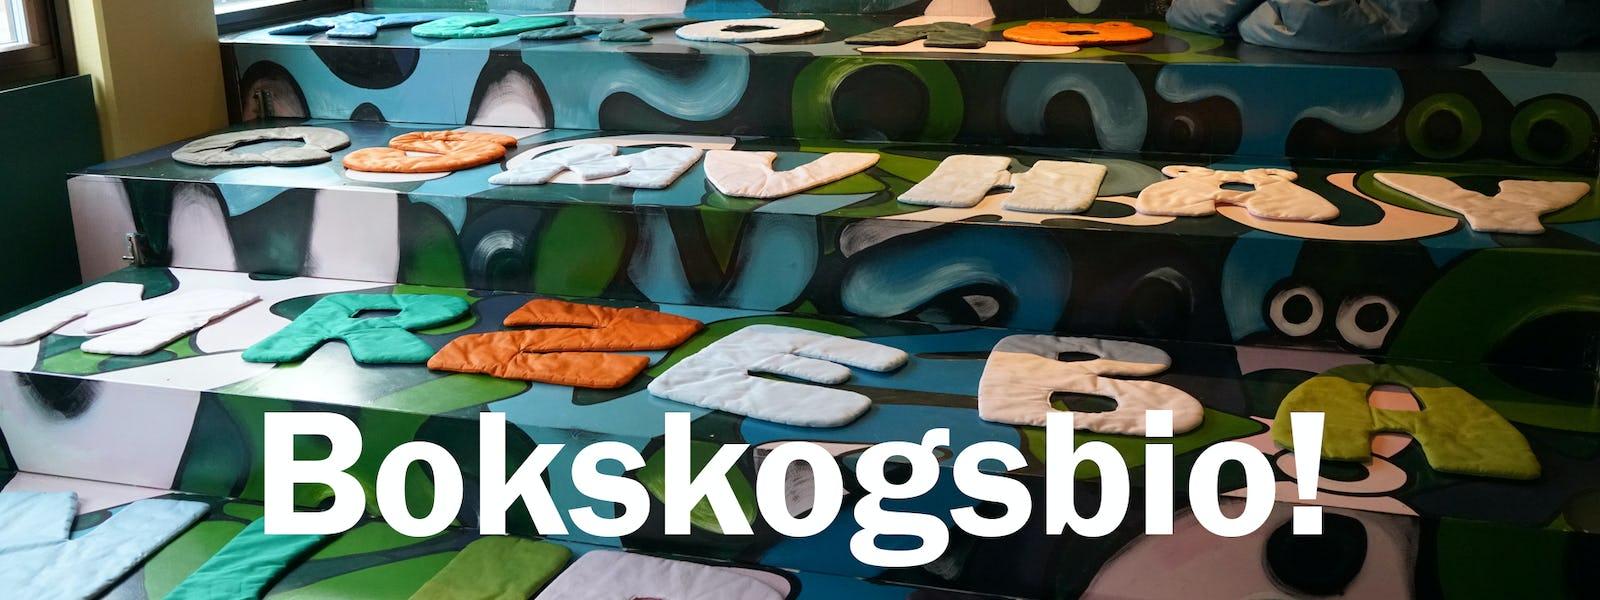 Bild - Bokskogsbio - Agatha-granndetektiven